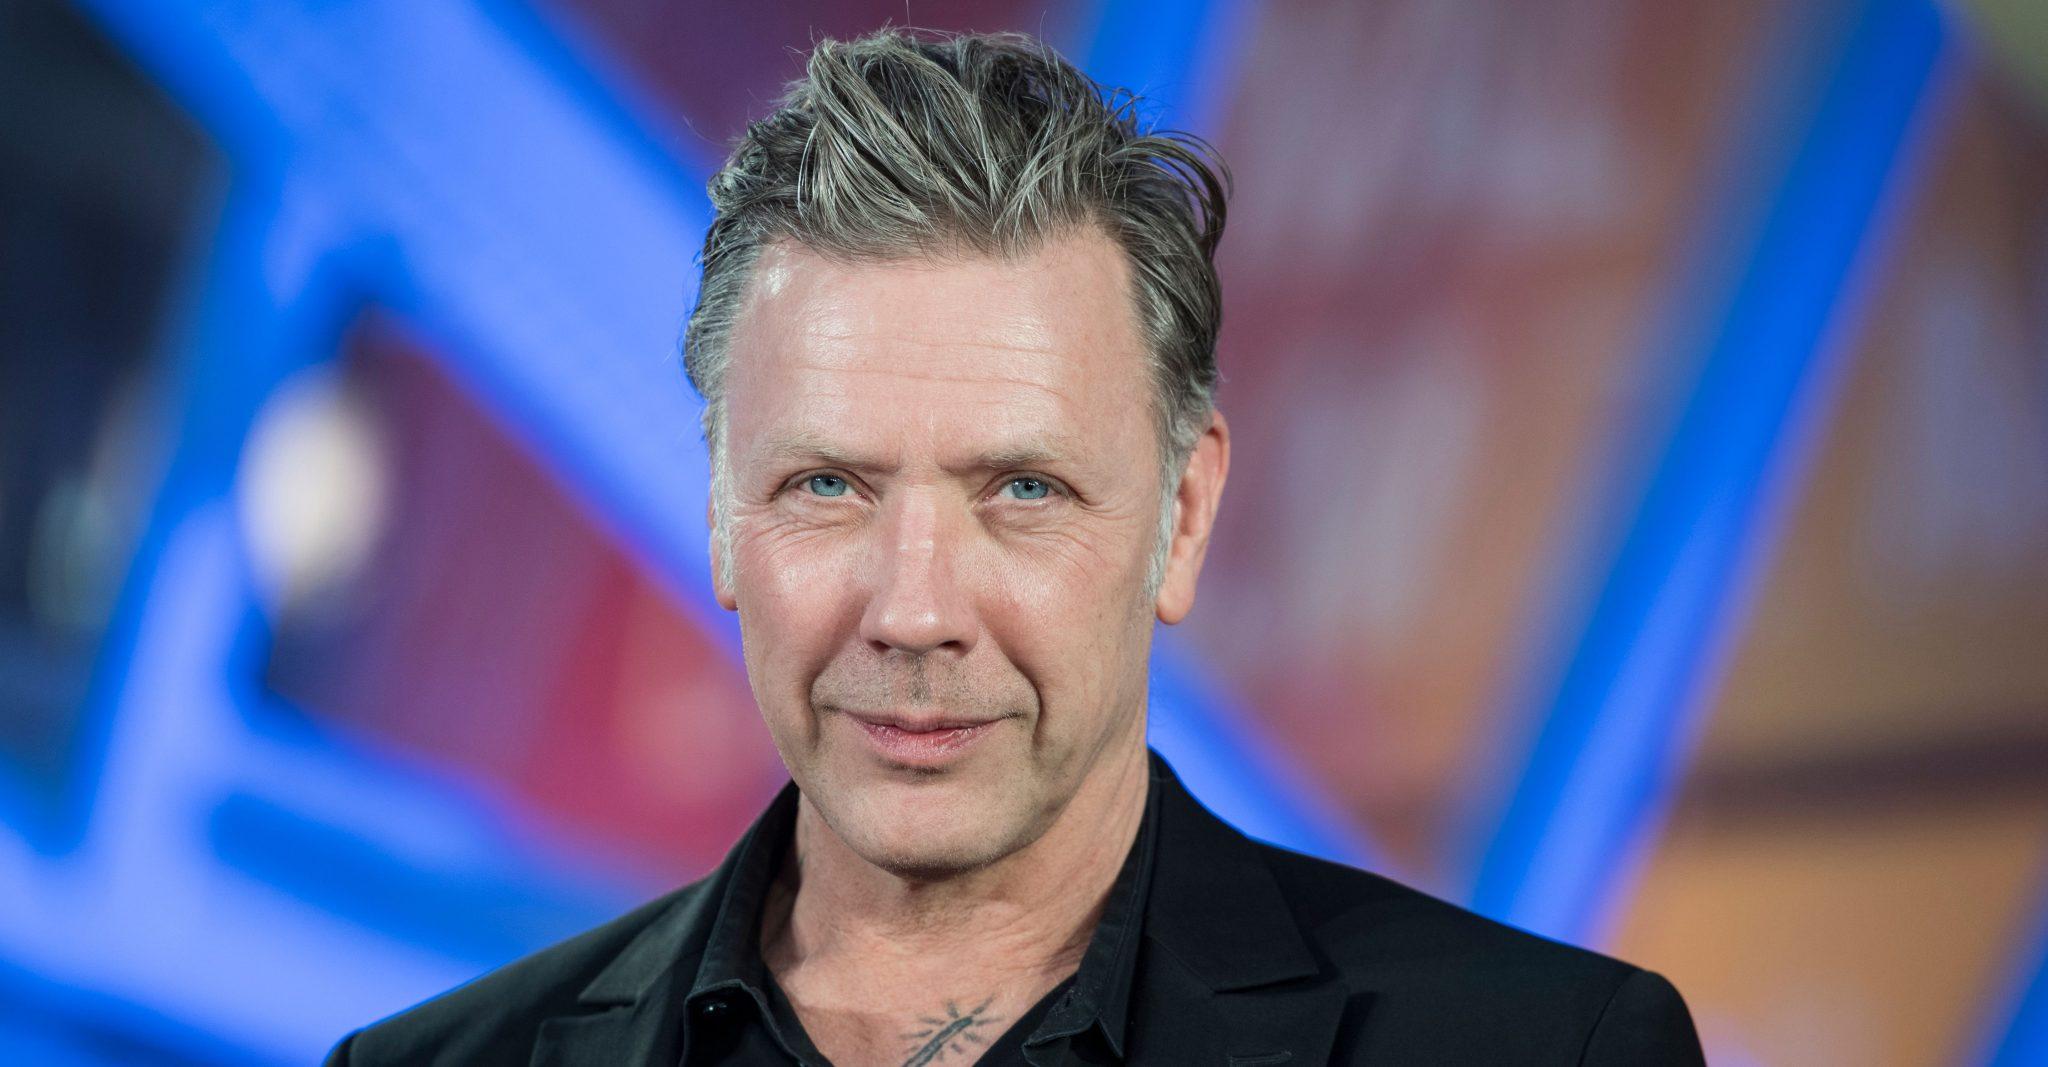 Mikael Persbrandt 2021